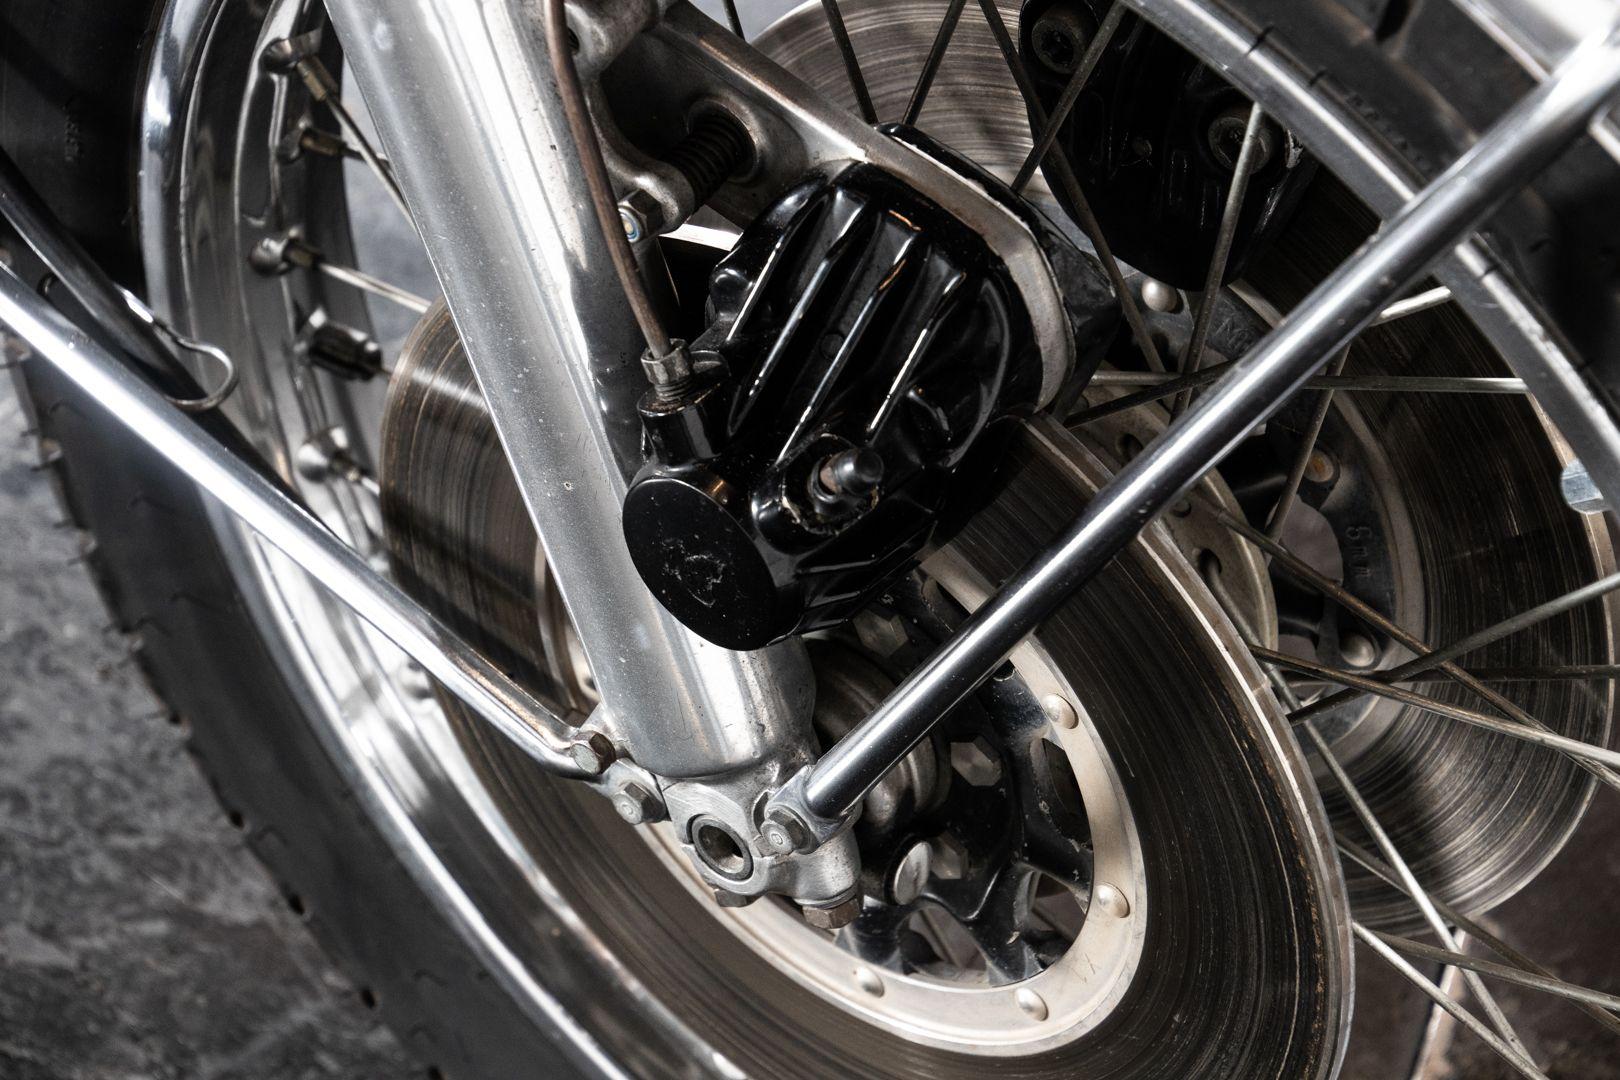 1972 Honda CB 750 Four 46593